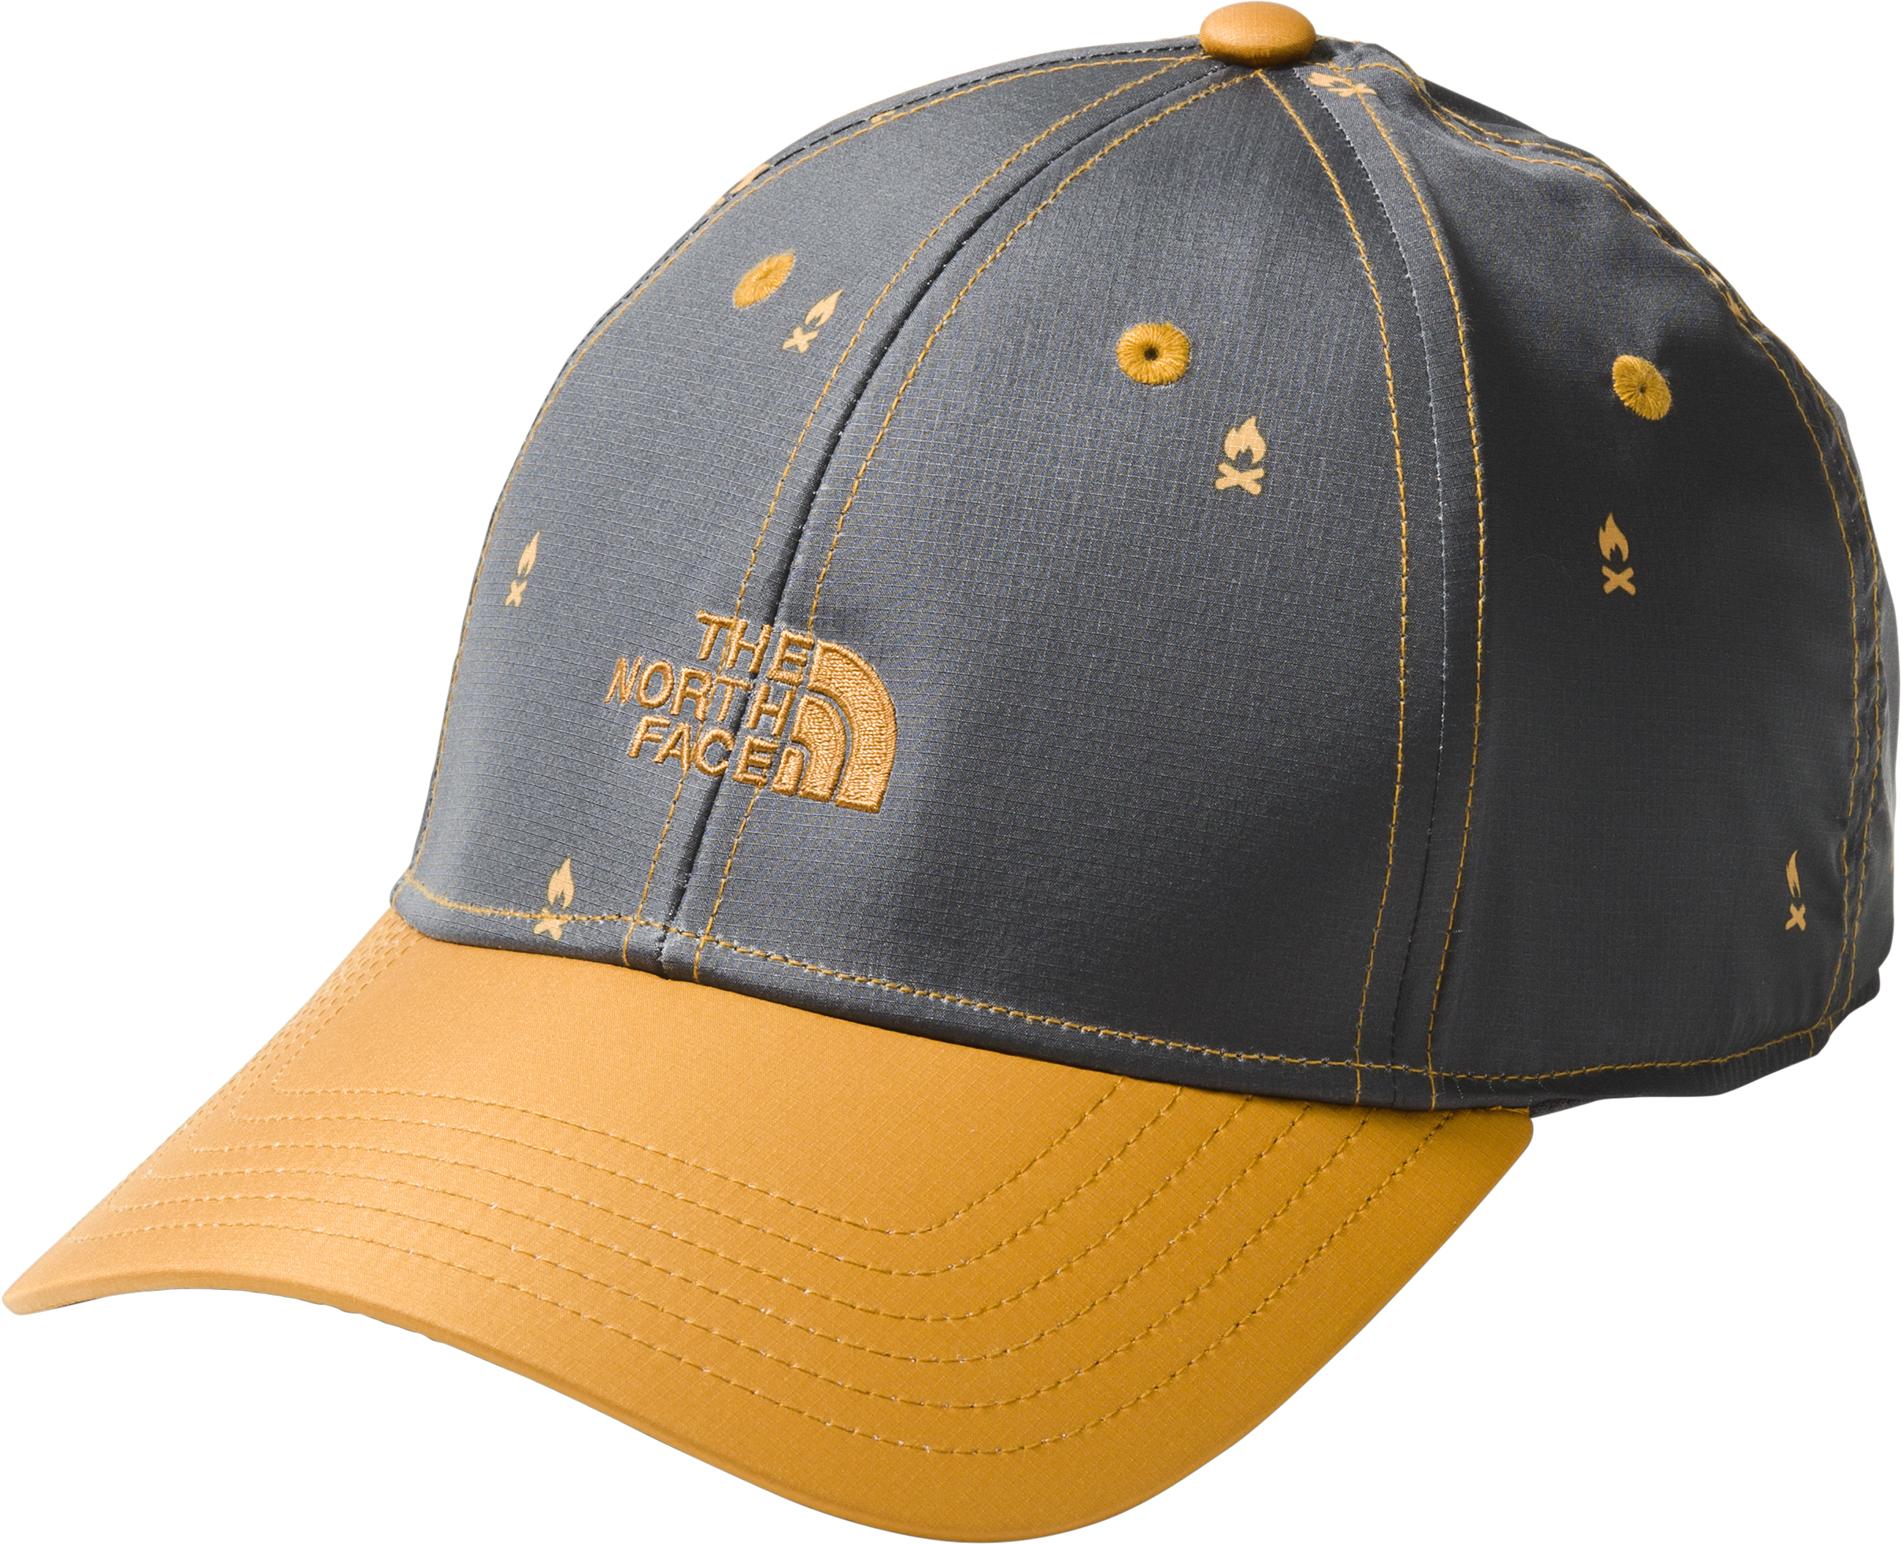 6941d2245 Women's Hats and toques | MEC